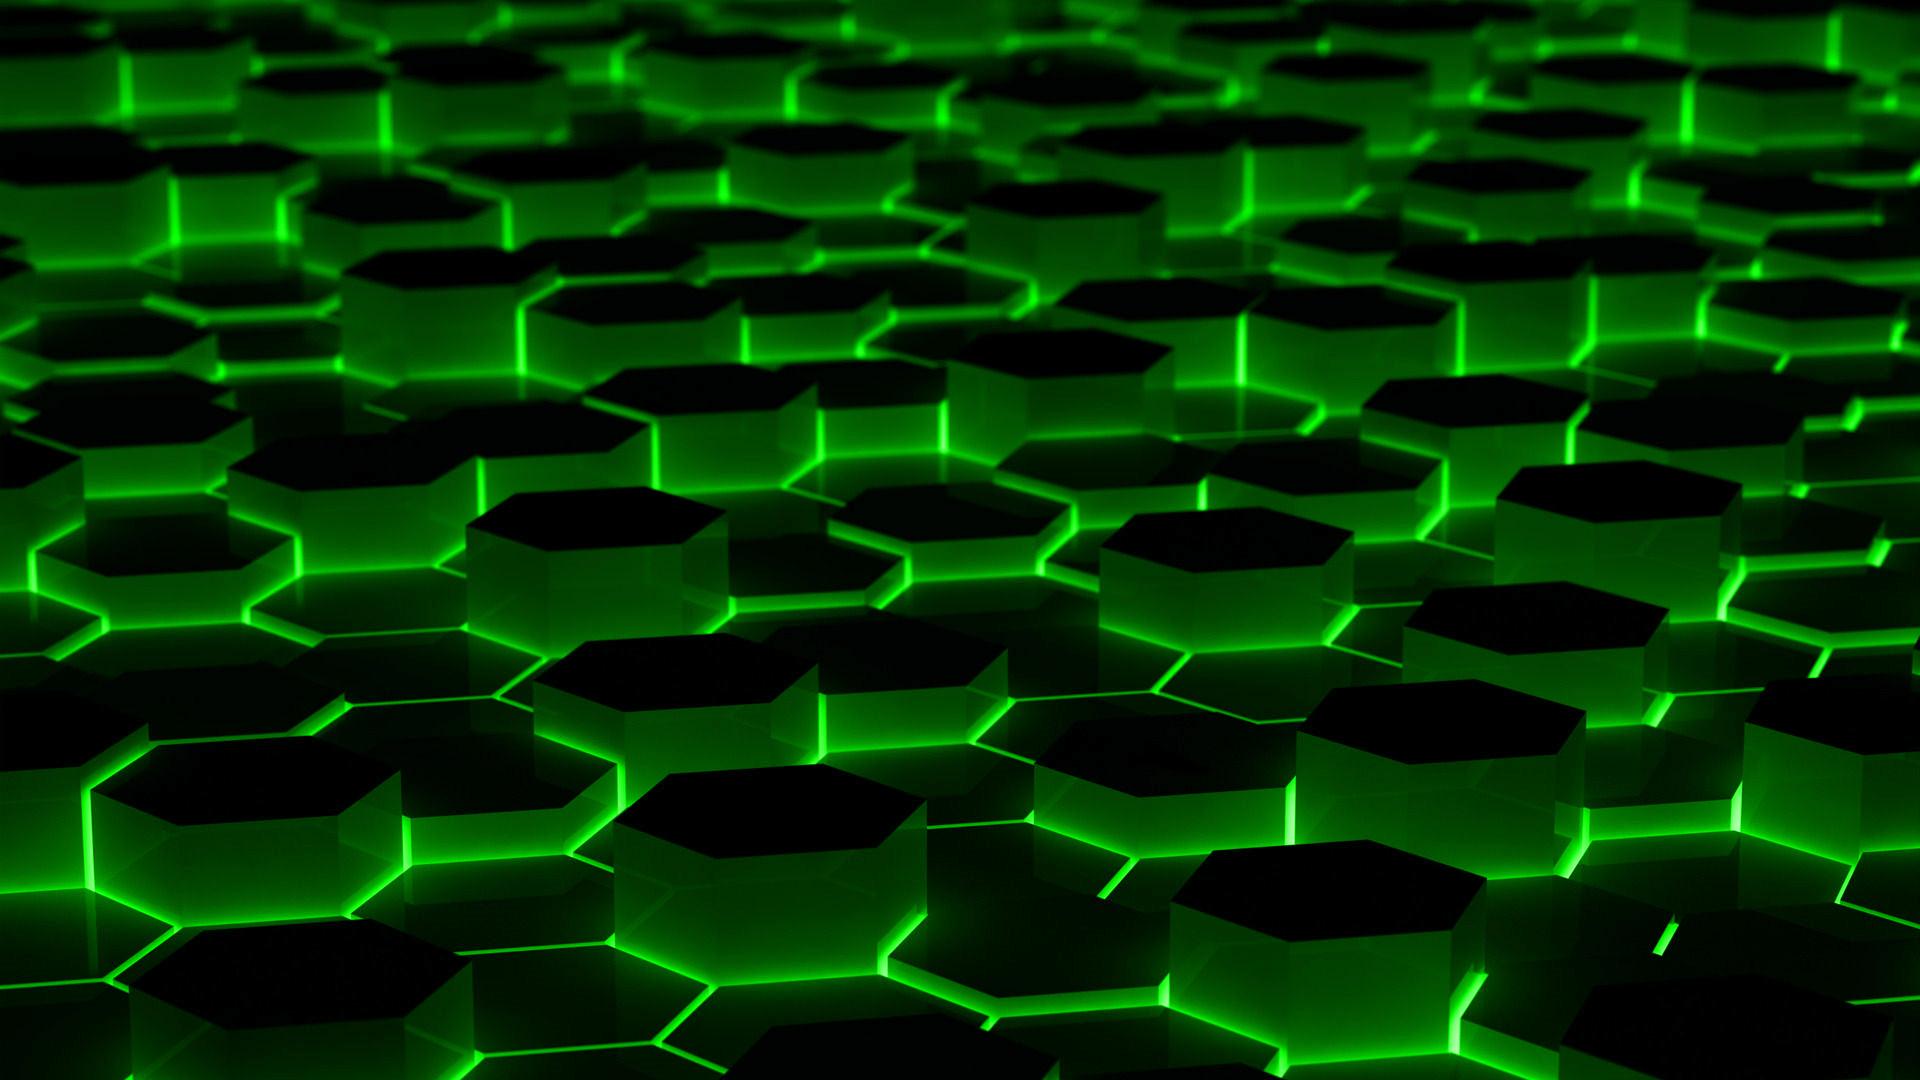 Green Leaves Hd Desktop Wallpaper Widescreen High Definition